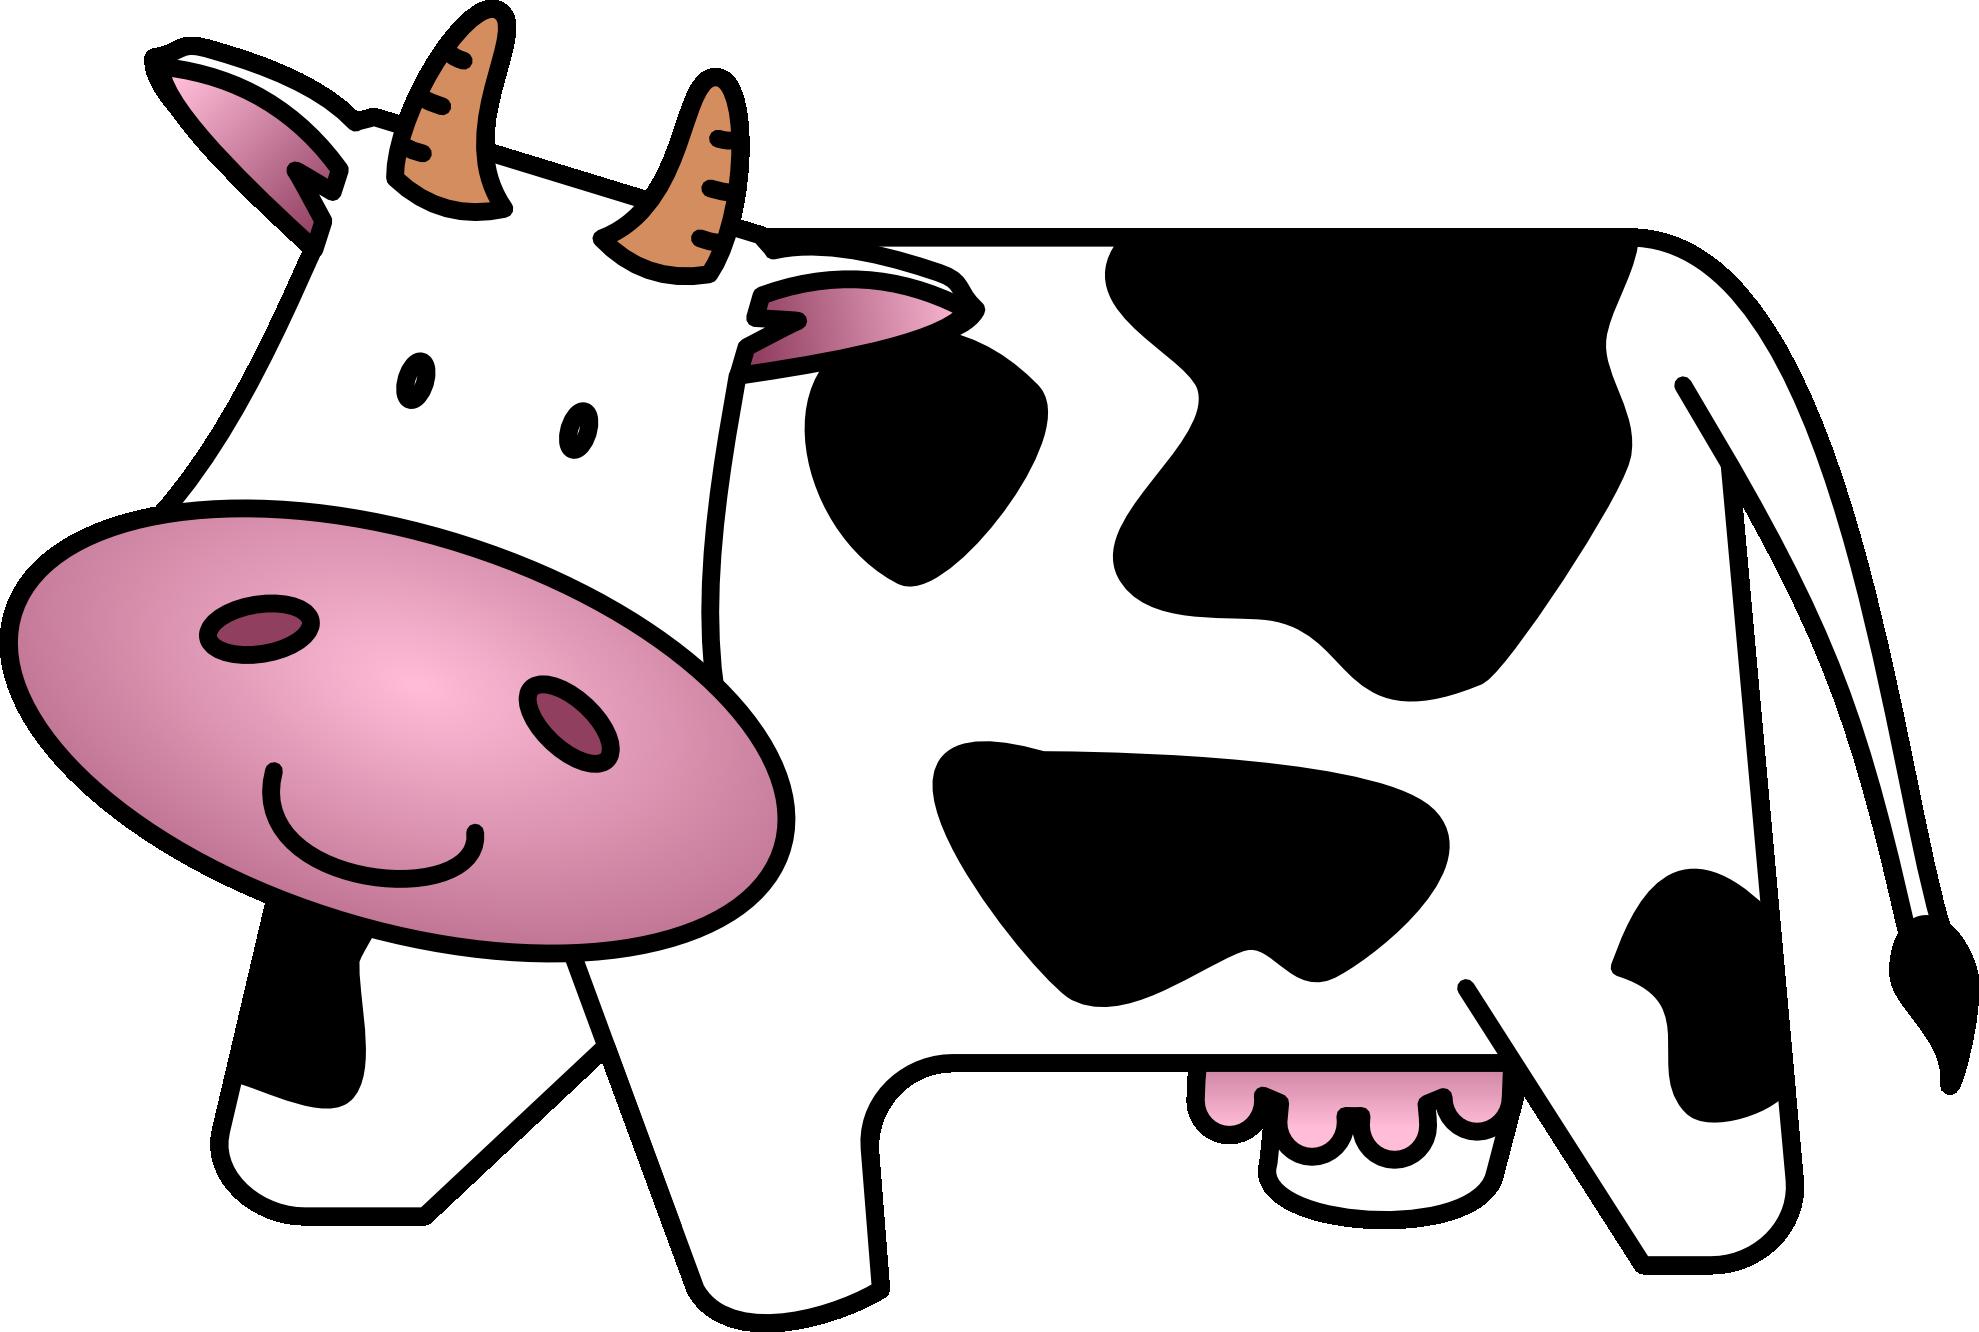 Cow clipart Cow Cartoon Cow Clipart Clipart